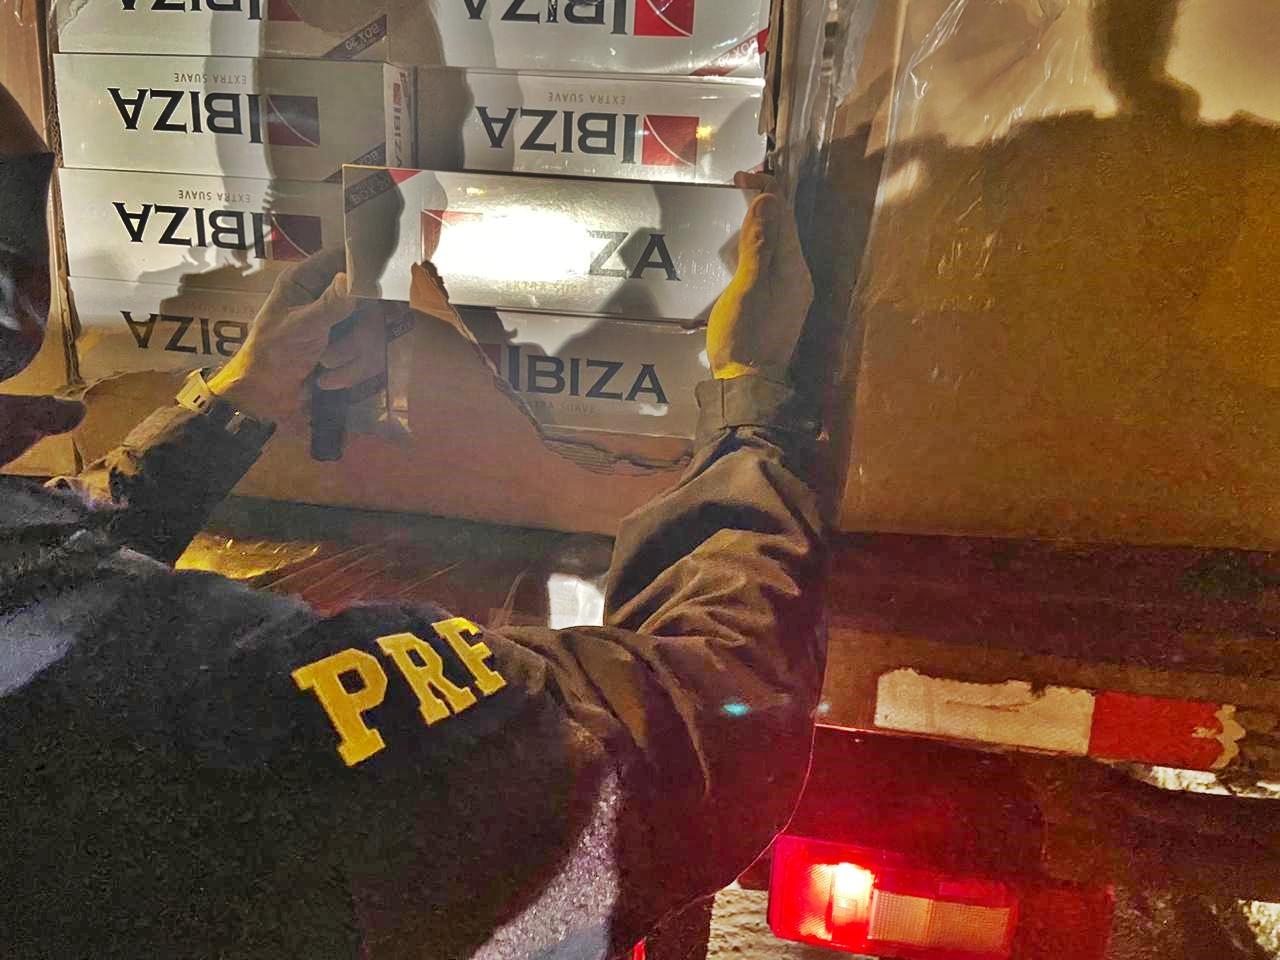 WhatsApp Image 2020 05 15 at 10.14.27 - PRF na Paraíba apreende cargas de cigarro contrabandeados avaliada em mais de R$3 milhões